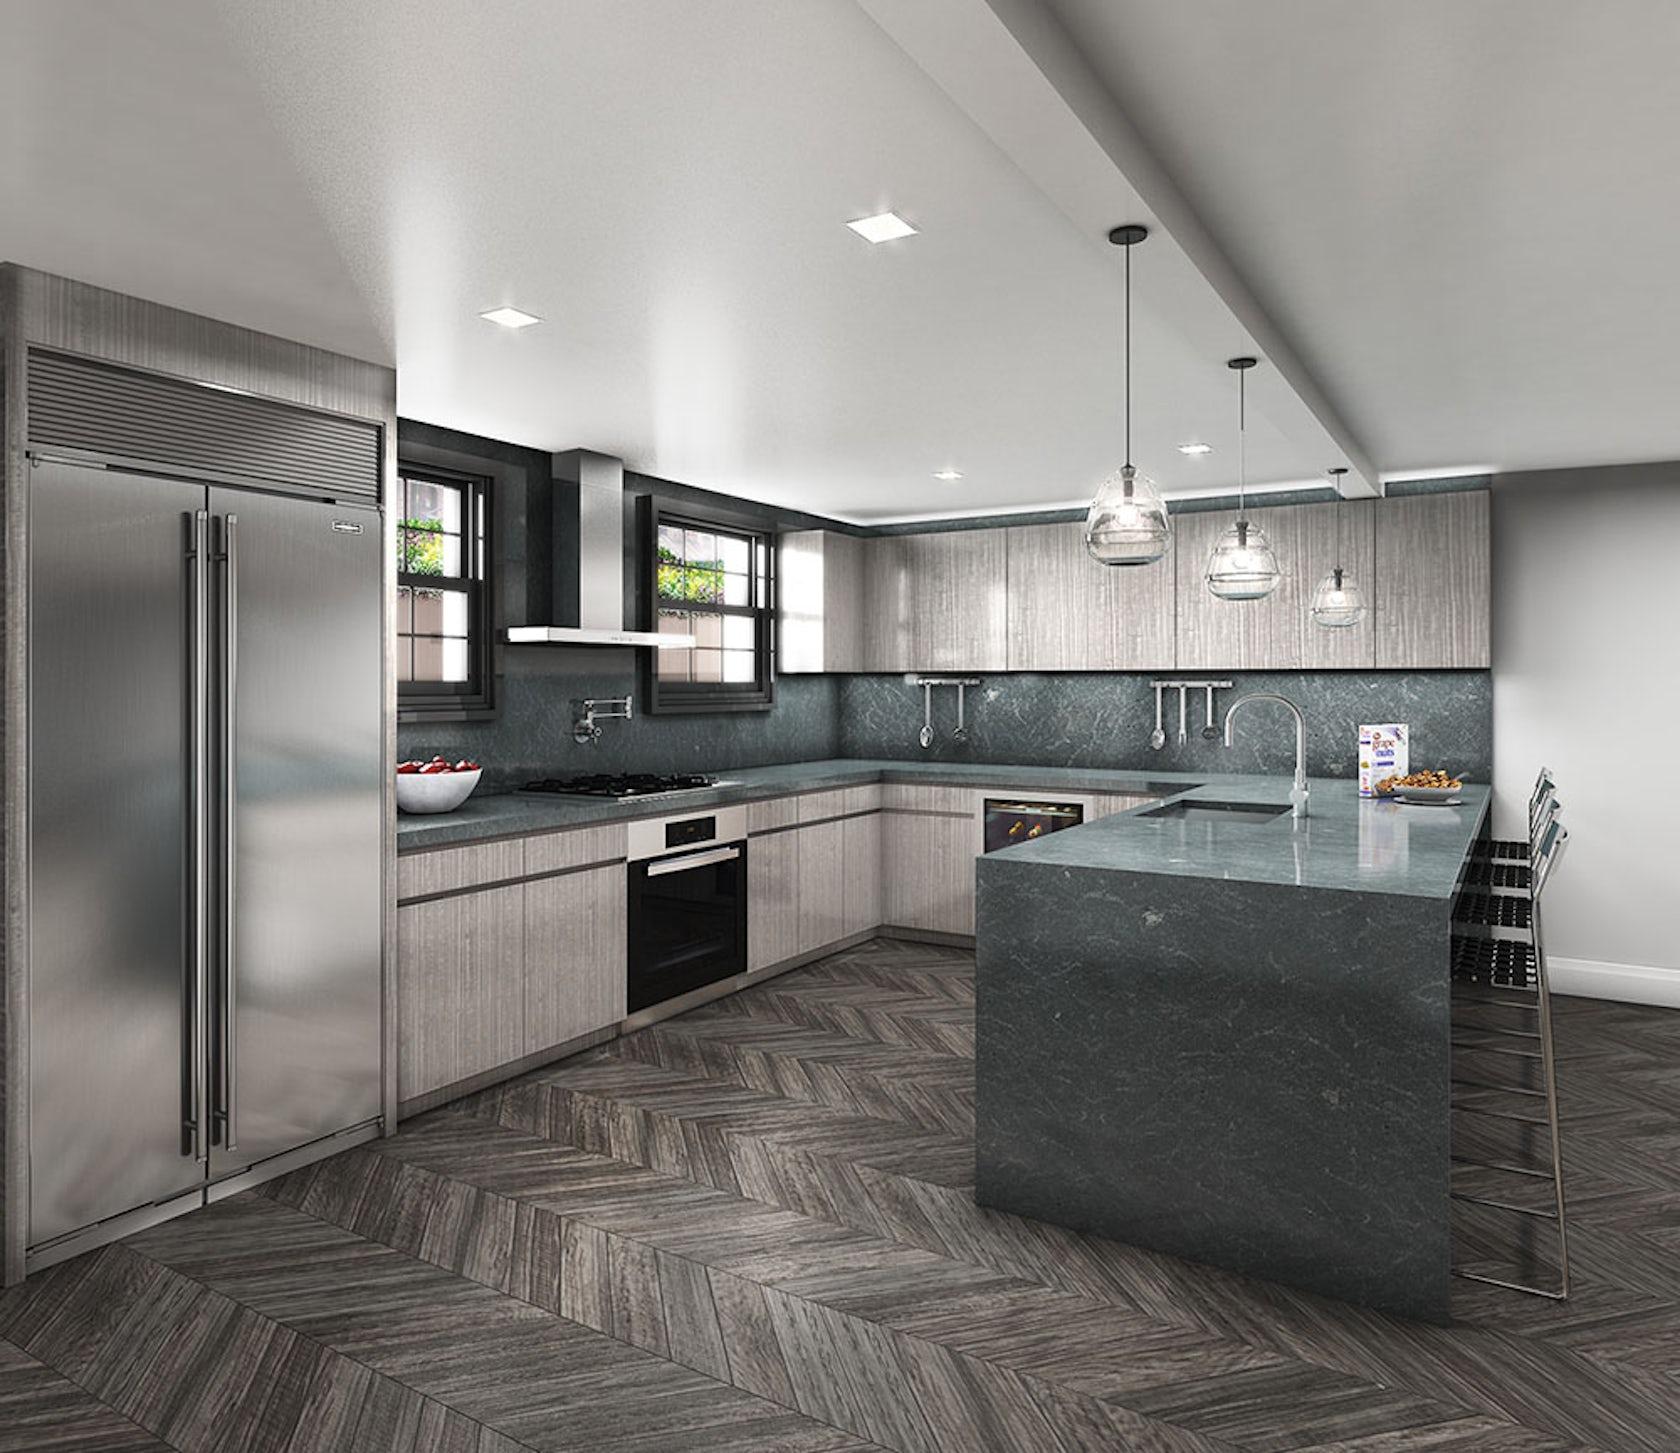 Kitchen Design Rendering: Greenwich Village Townhouse, Kitchen Rendering